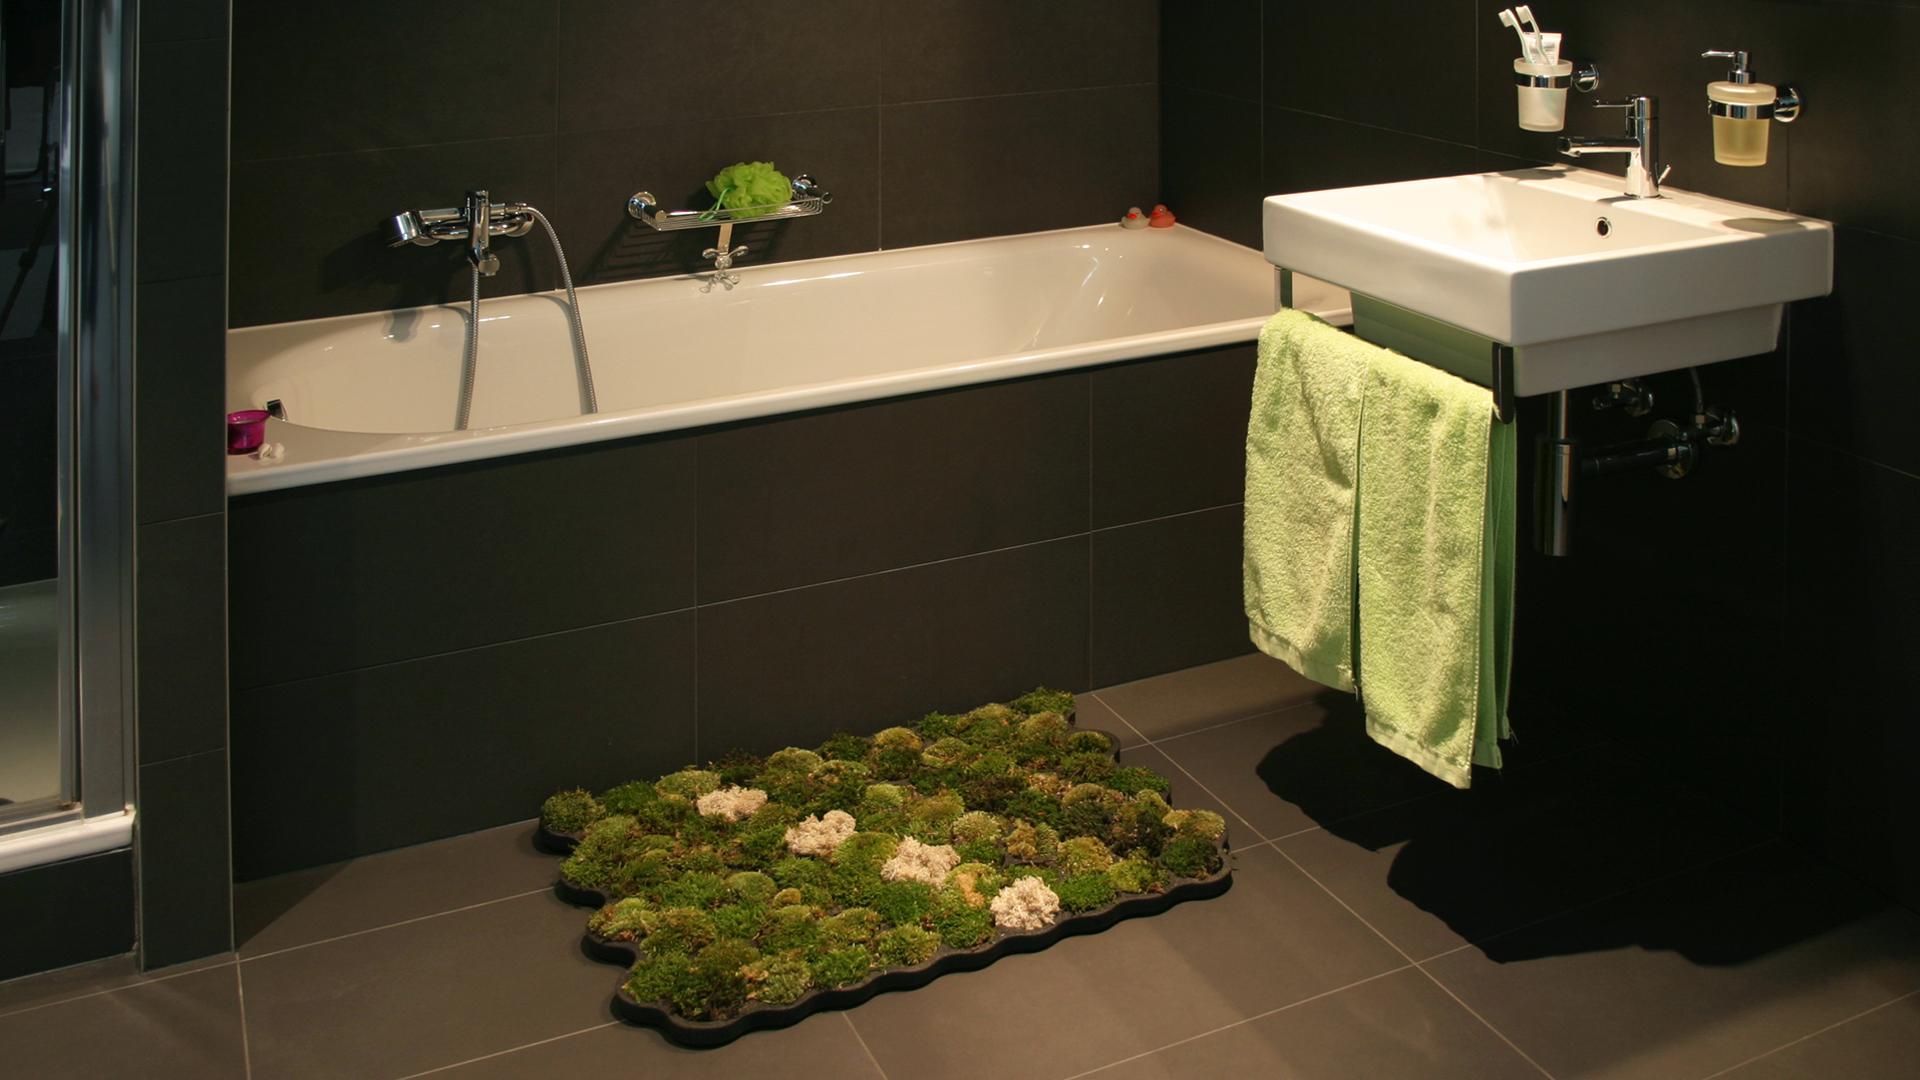 Moss Bathroom Mat nice ideas  Moss Bathroom Mat nice ideas A1houston com. Moss Bath Mat Bugs